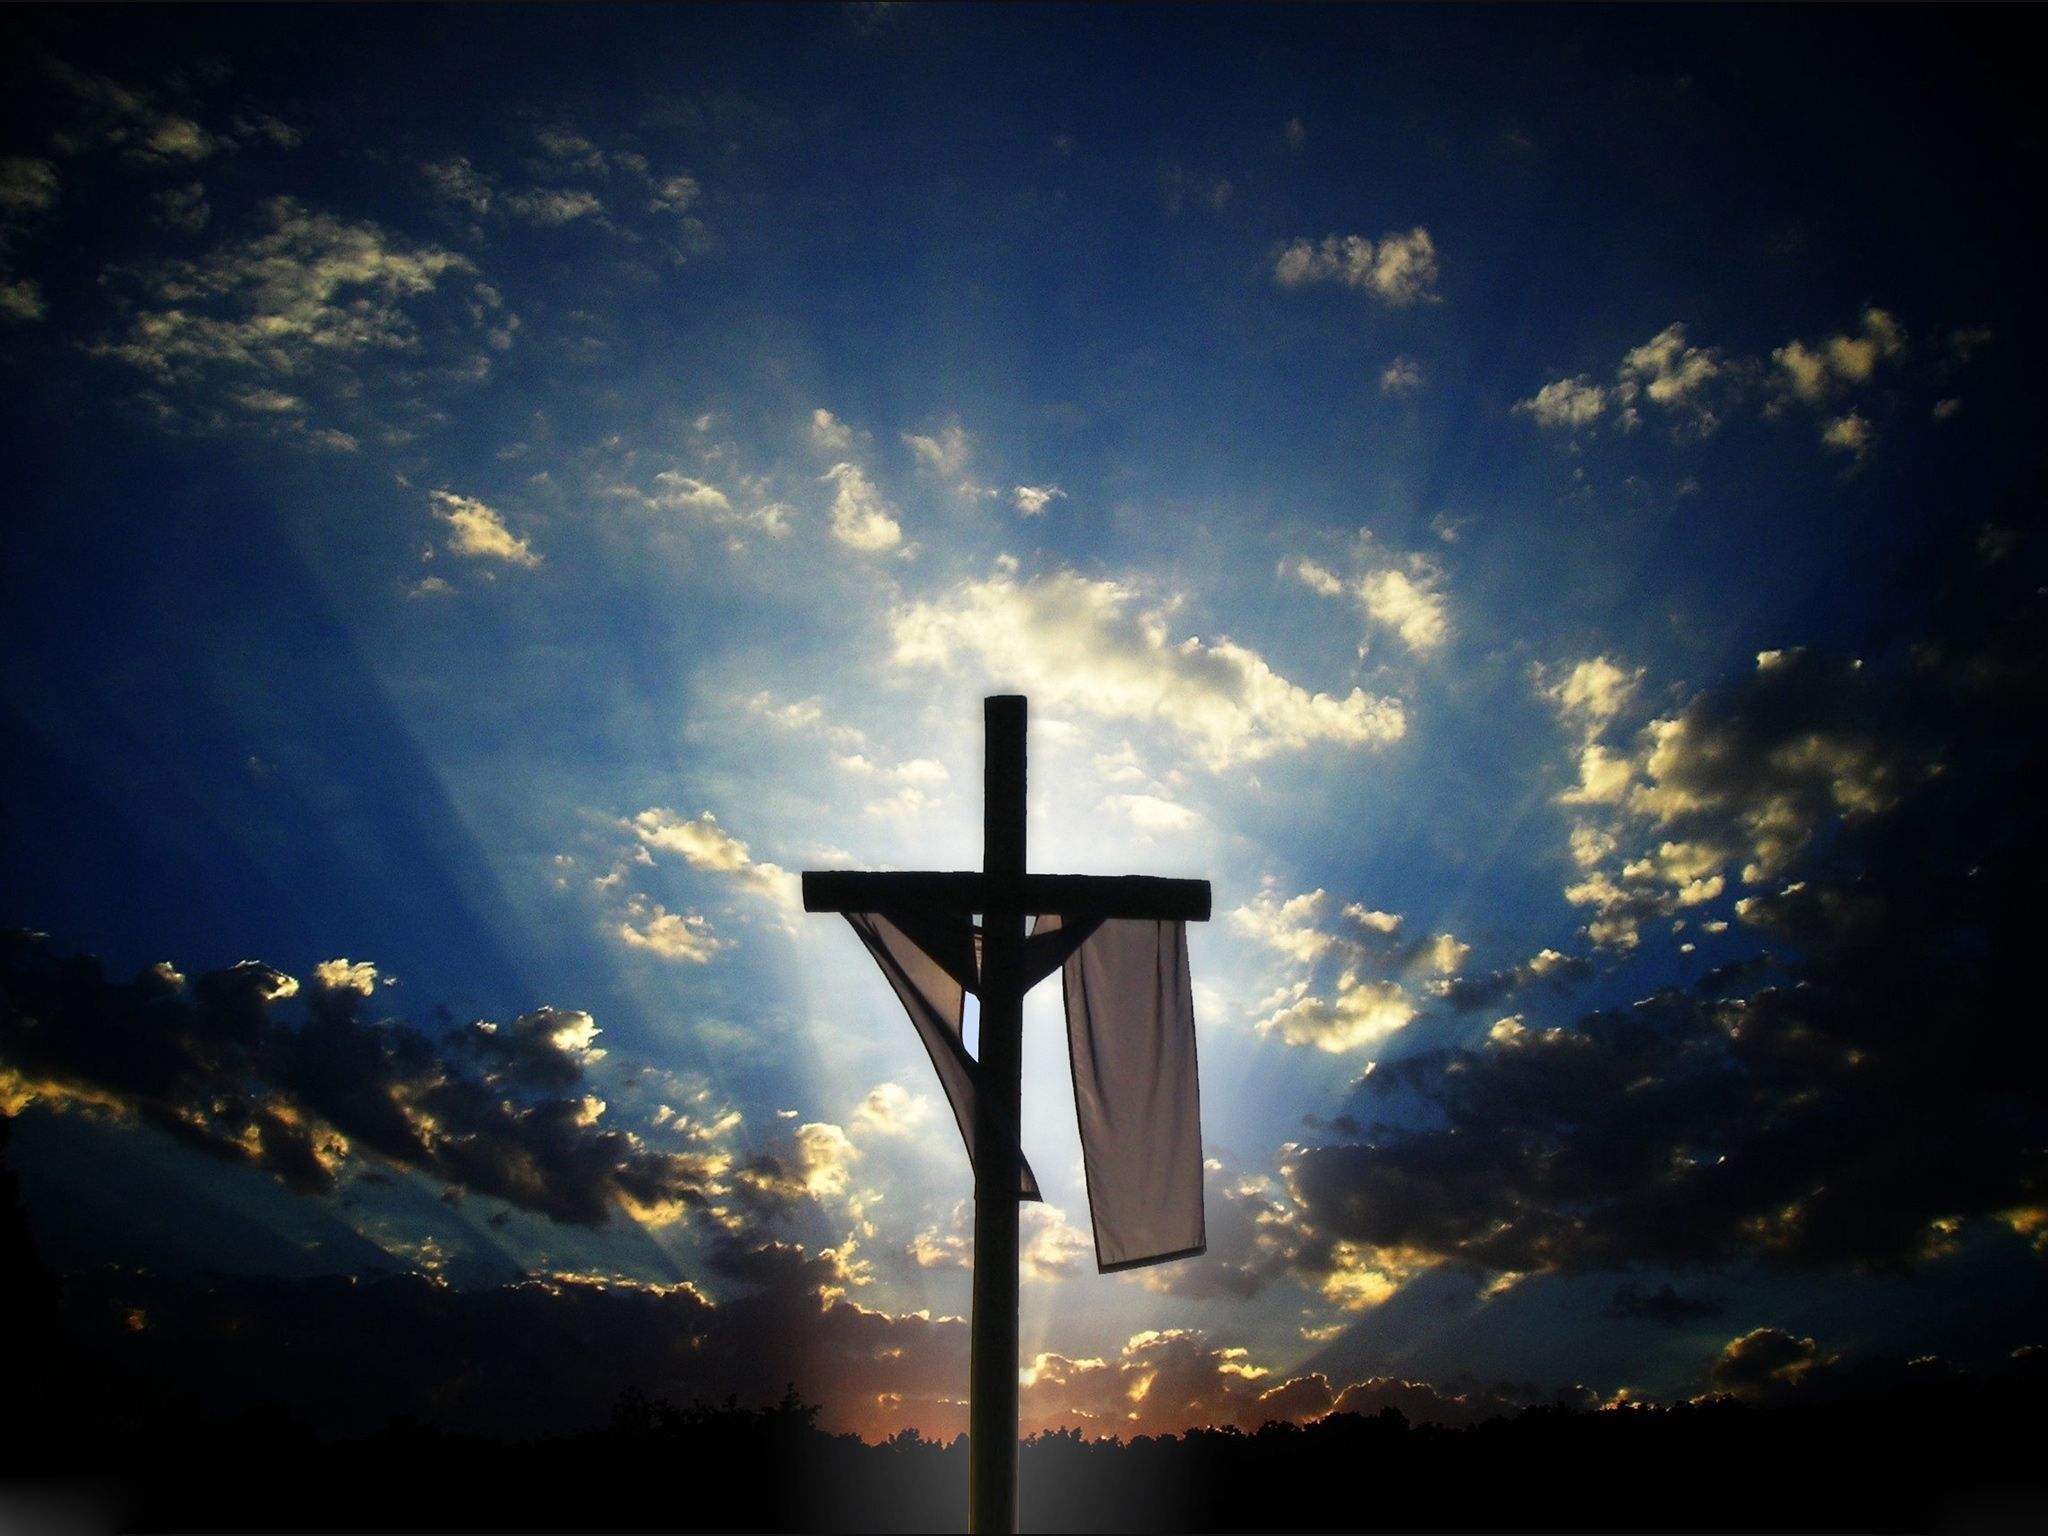 Keptalalat A Kovetkezore Jesus Cross Cruz De Cristo Imagenes De Buenas Noches Imagenes De Dios